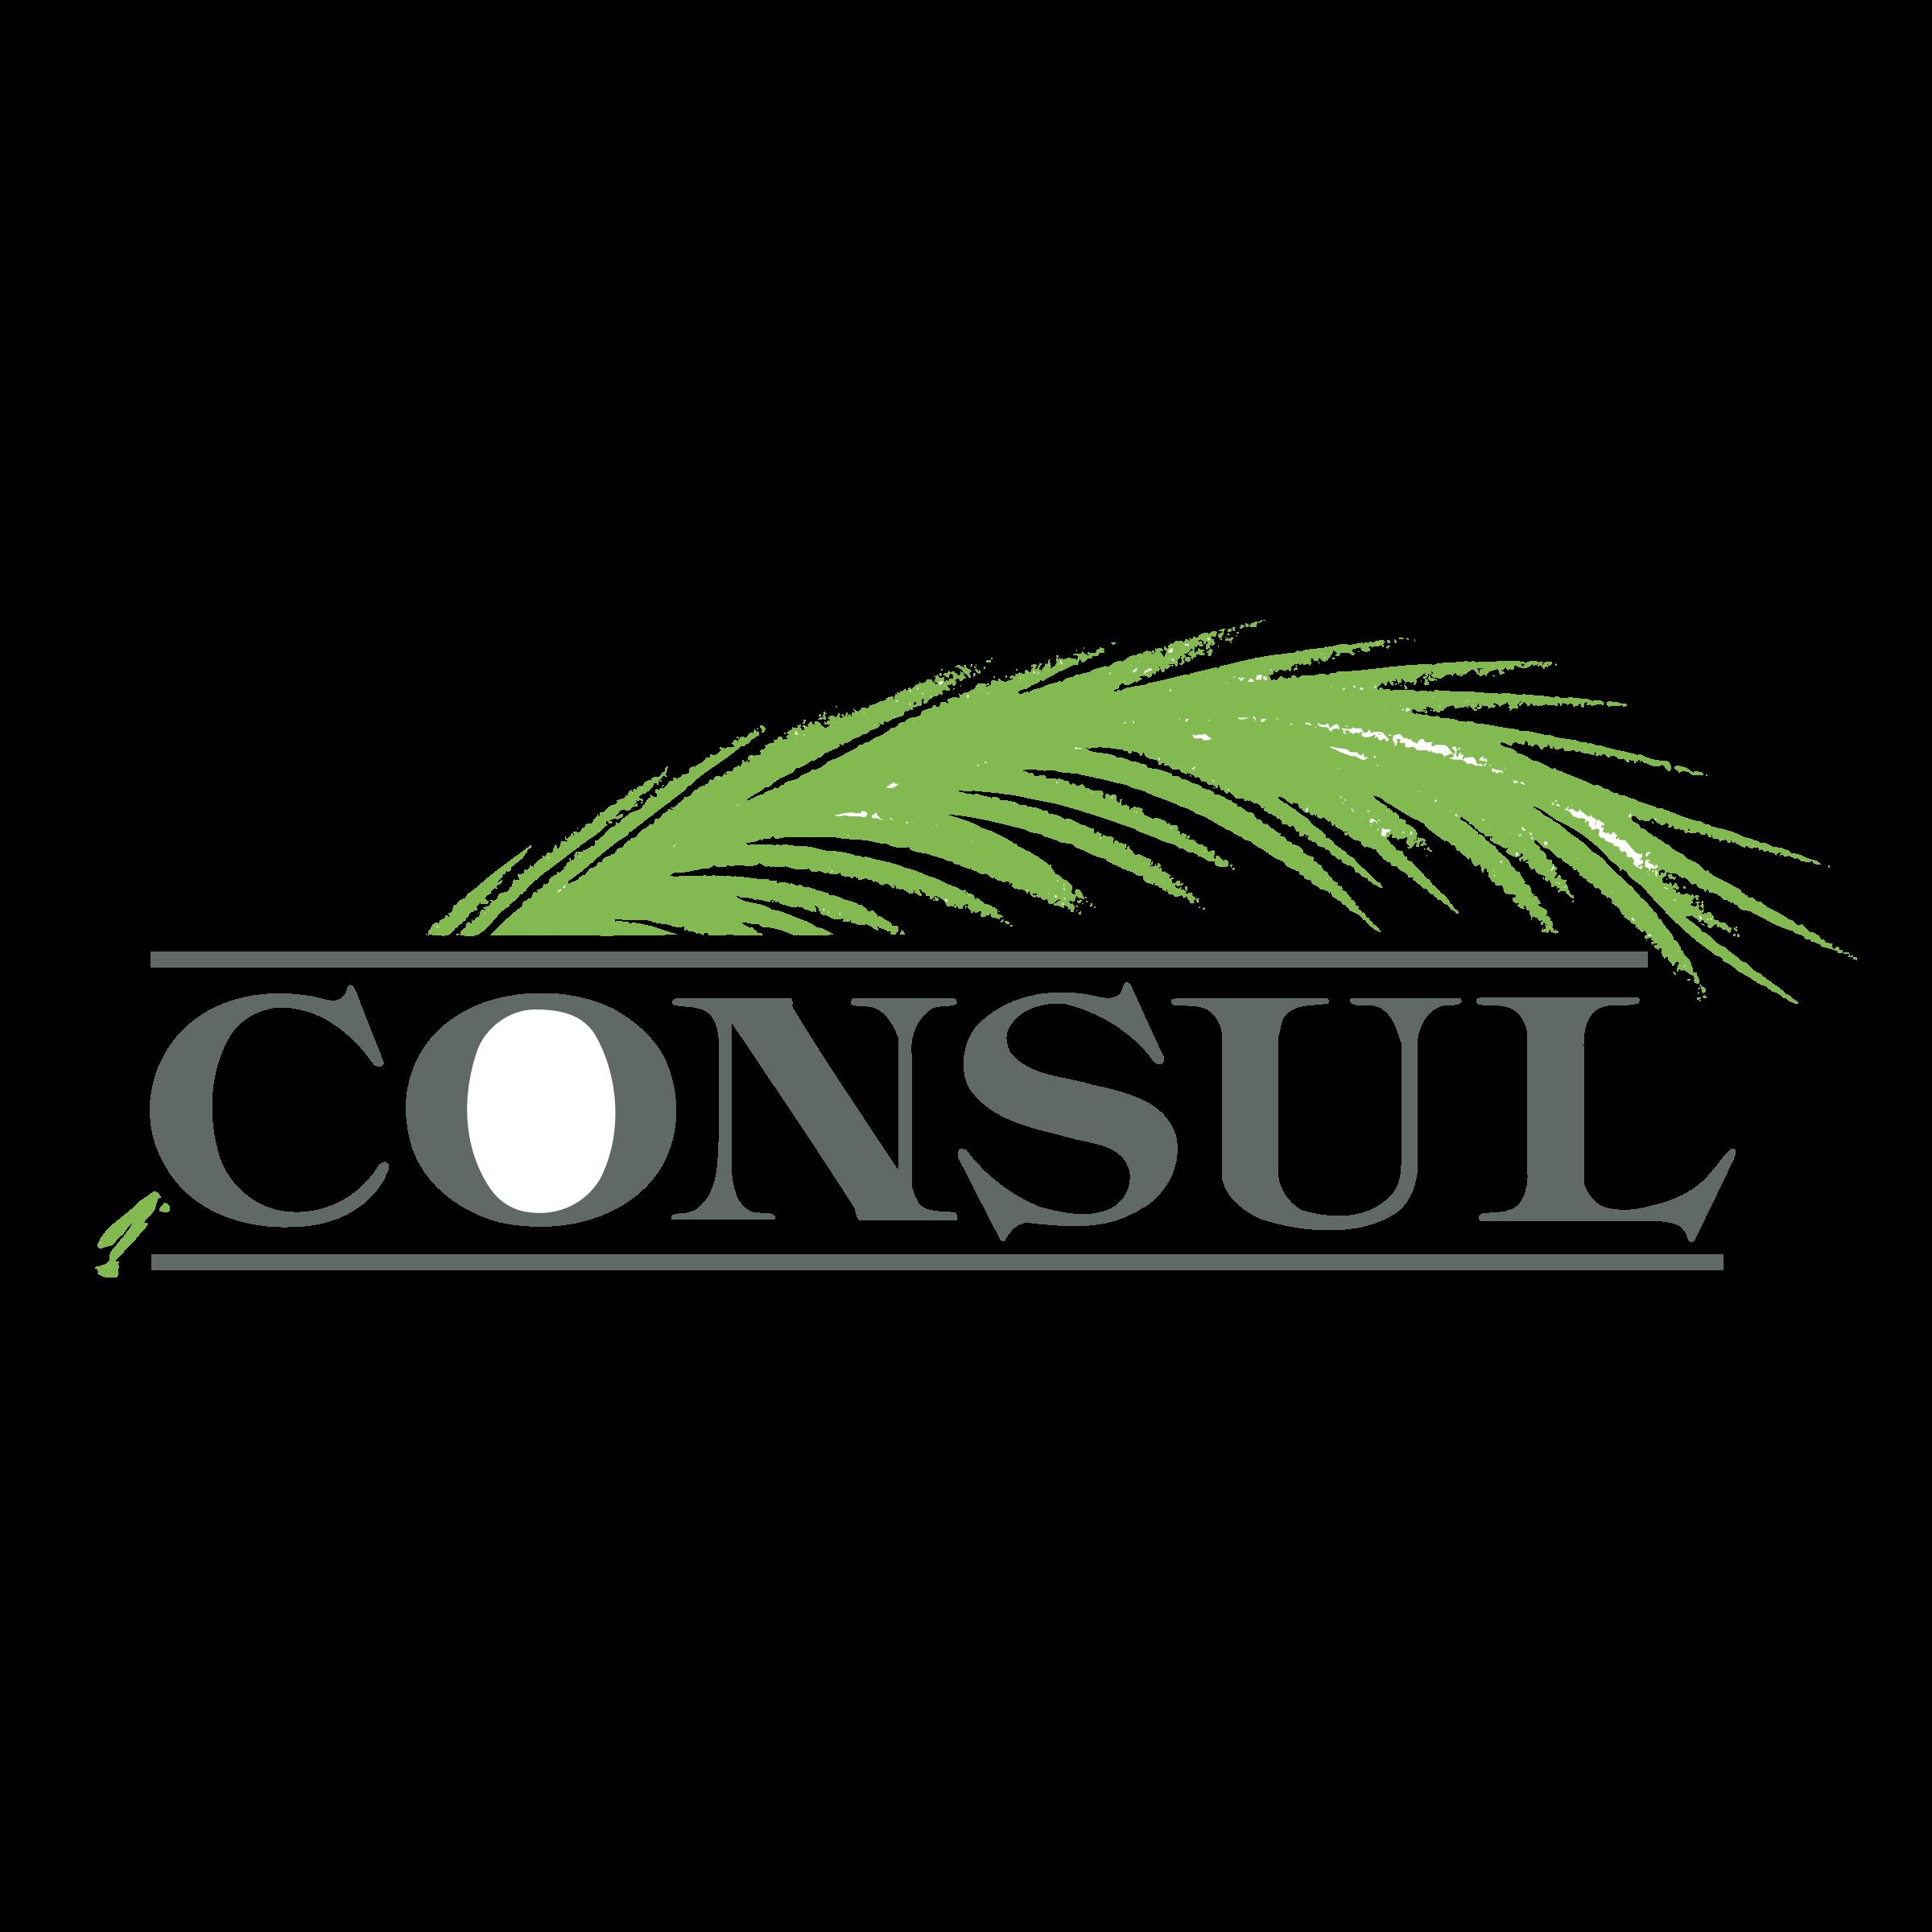 Consul Logo PNG Transparent & SVG Vector.